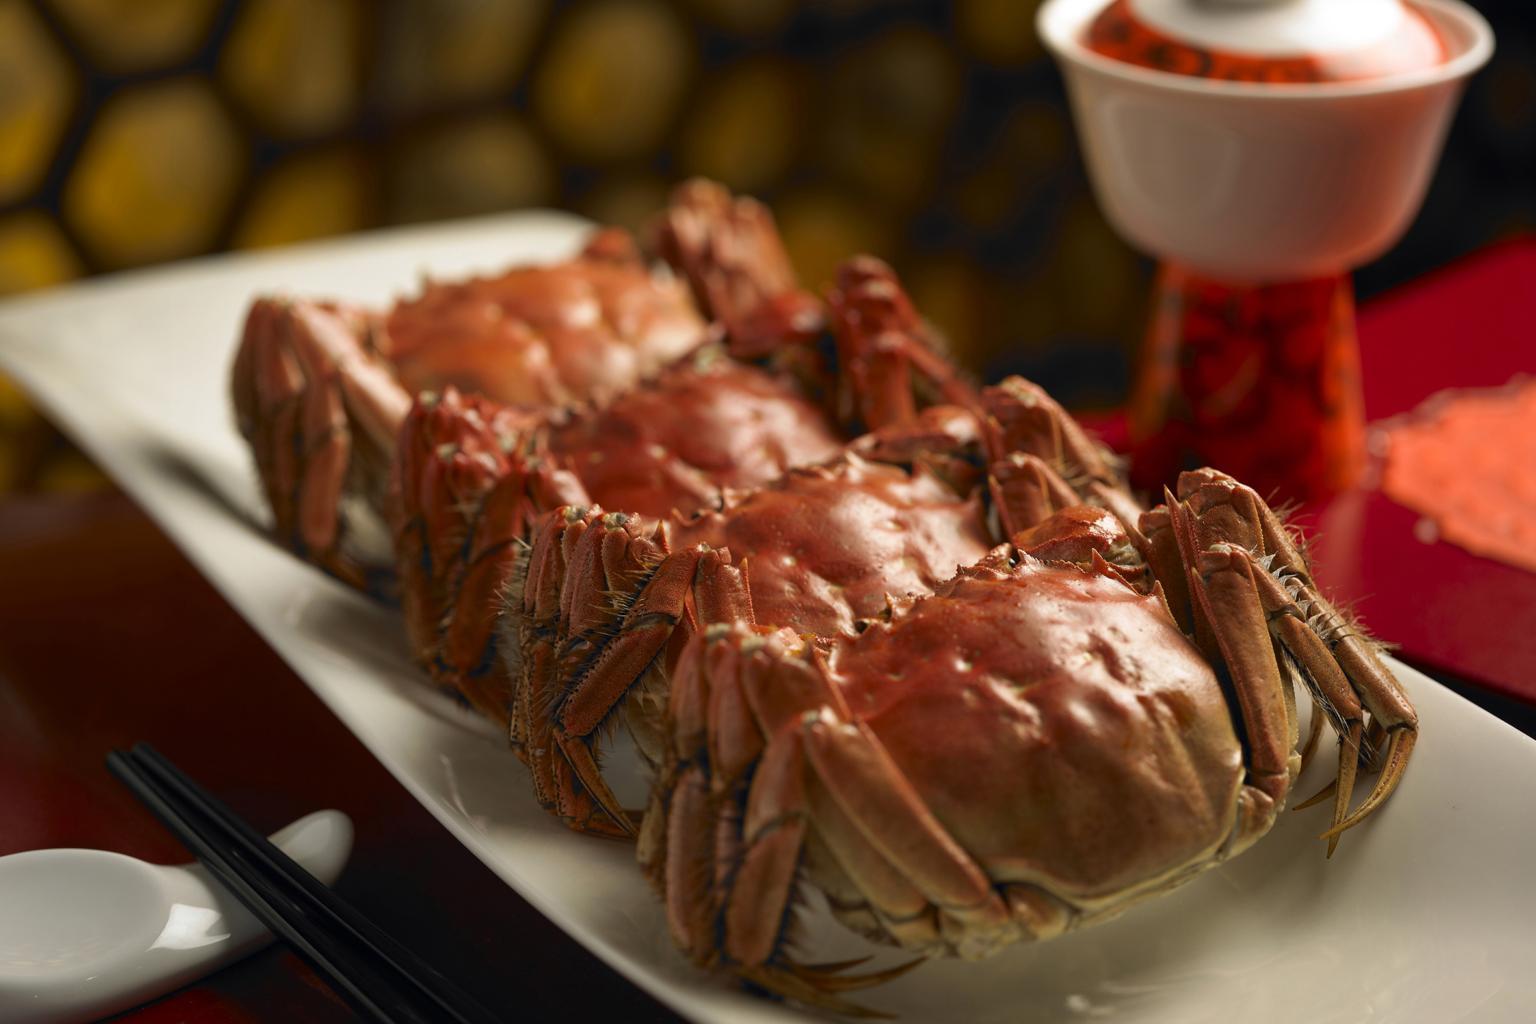 Food Picks: HK noodle chain TamJai SamGor Mixian opens, hairy crab season at Shang Palace, and more